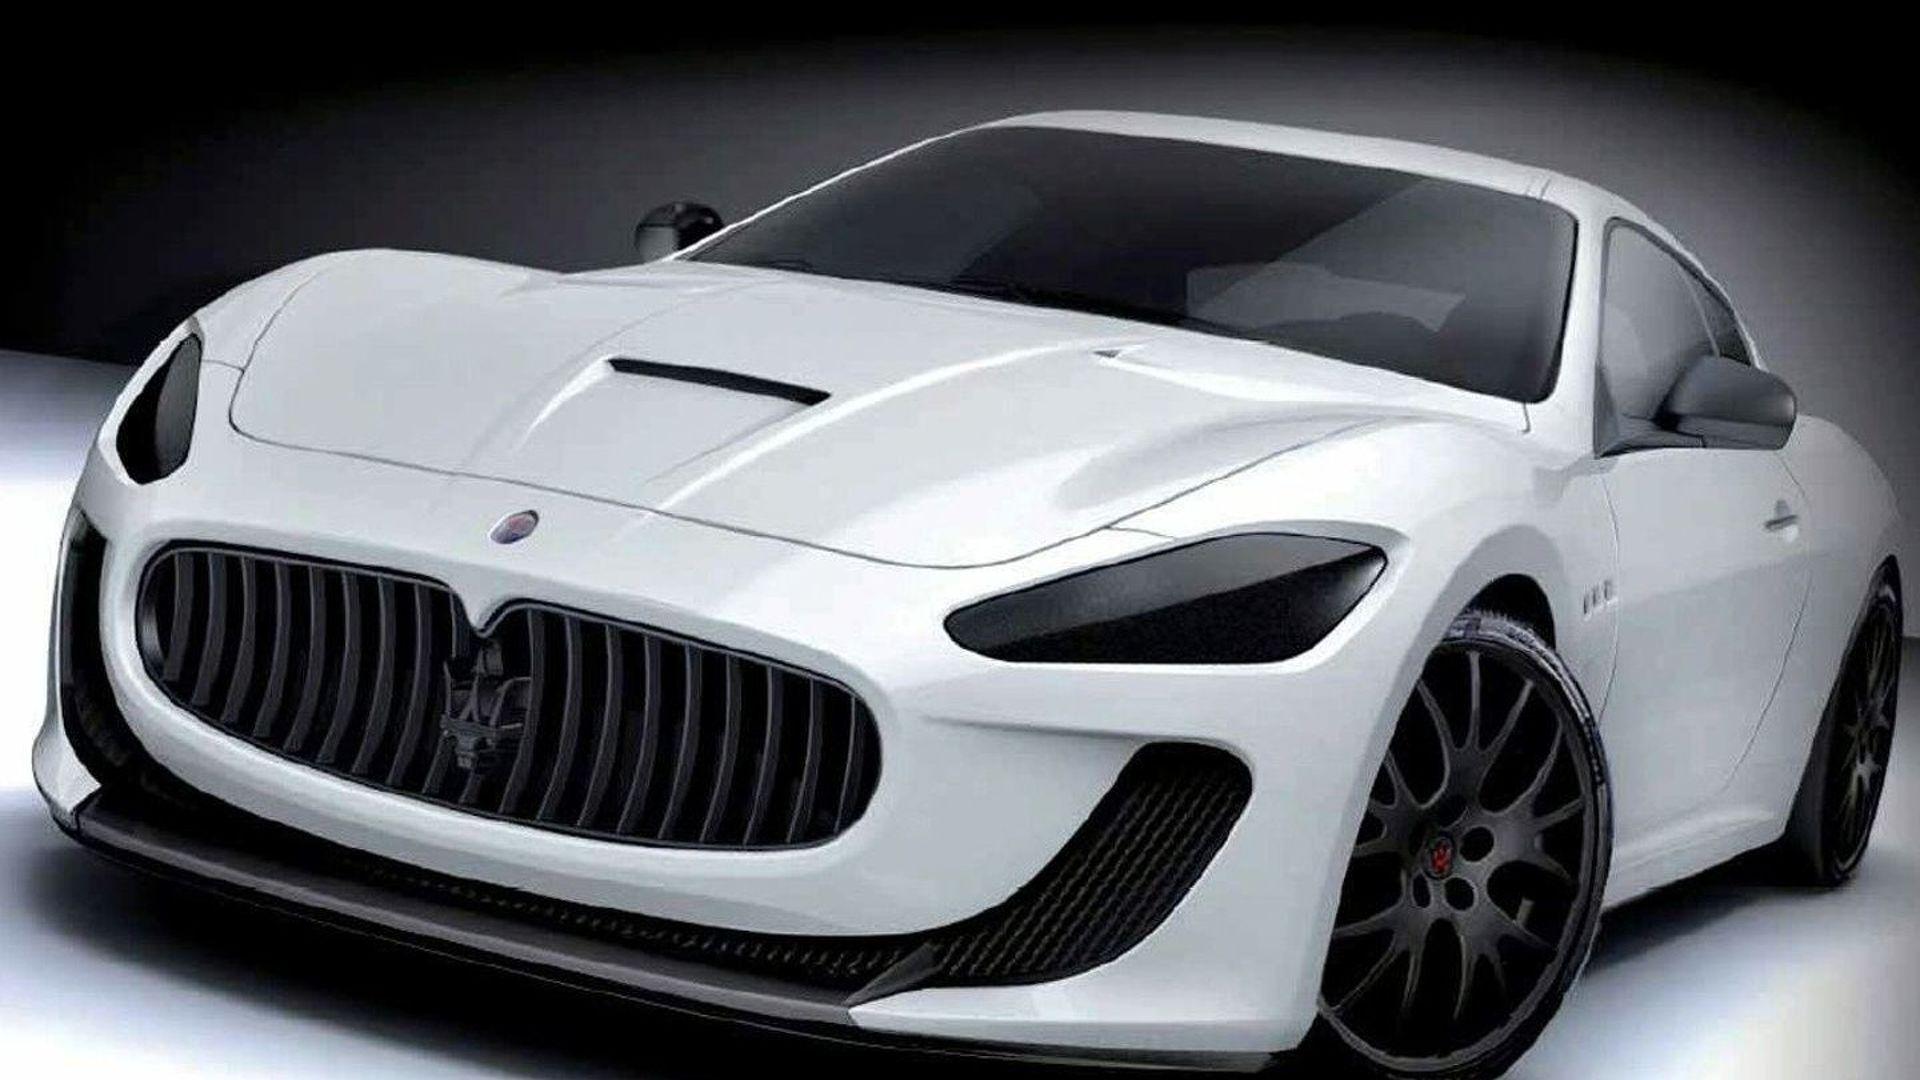 Maserati GranTurismo MC Corse Concept Revealed